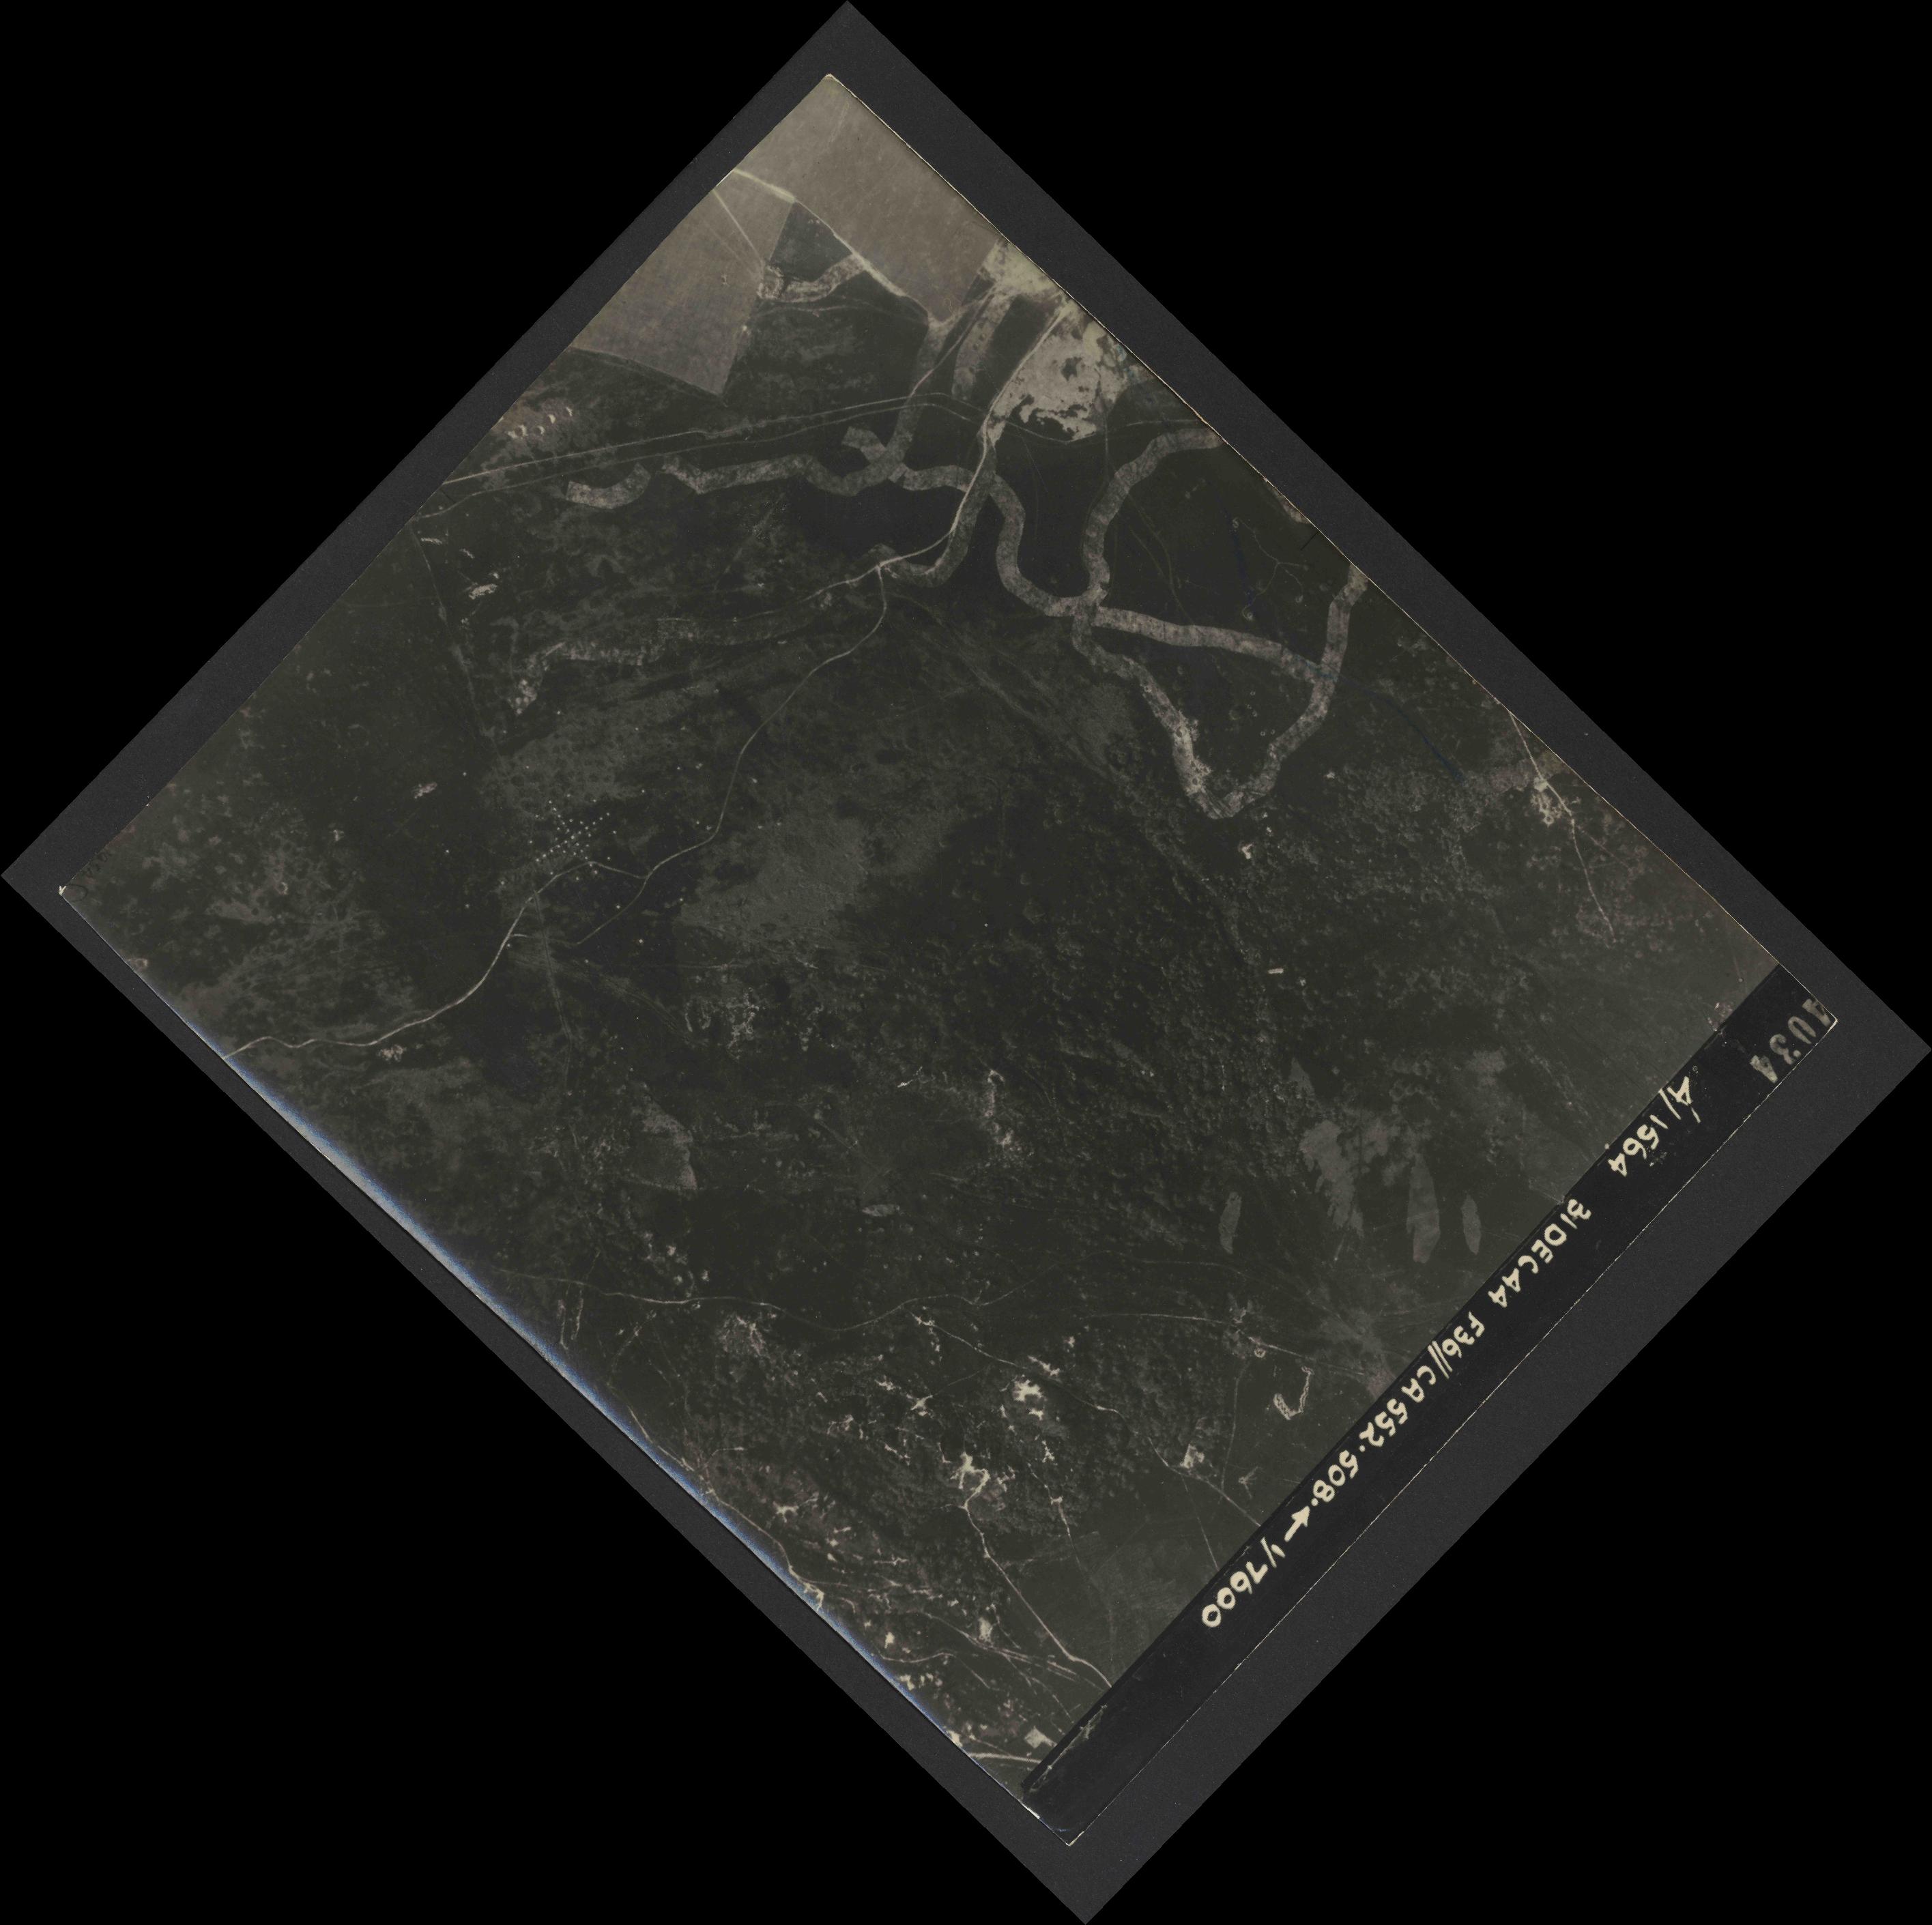 Collection RAF aerial photos 1940-1945 - flight 351, run 02, photo 4034